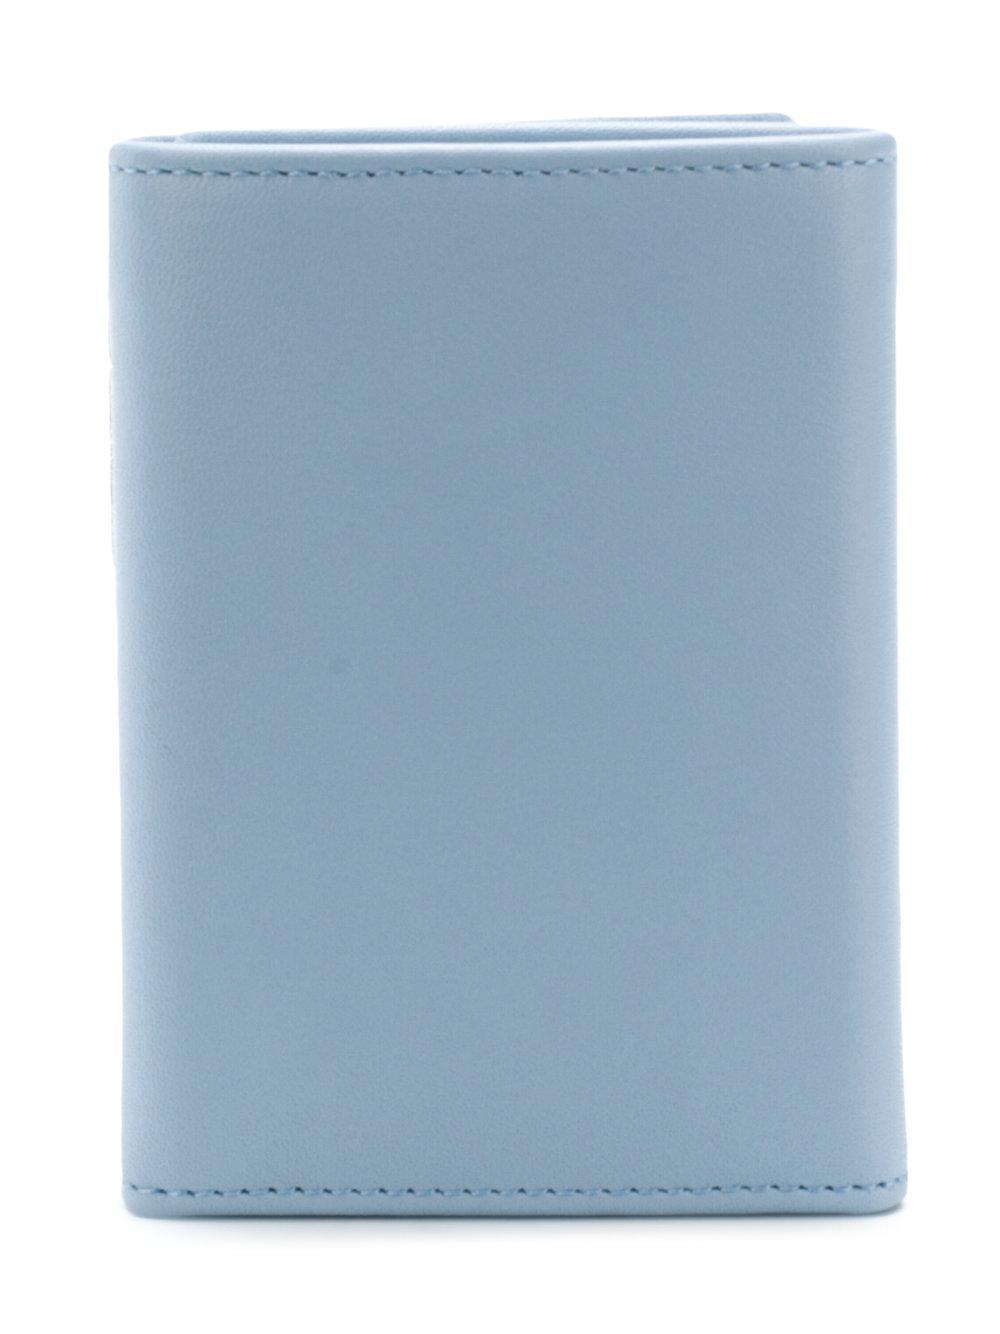 318988c42b66 Emilio Pucci Slim Logo Wallet in Blue - Lyst